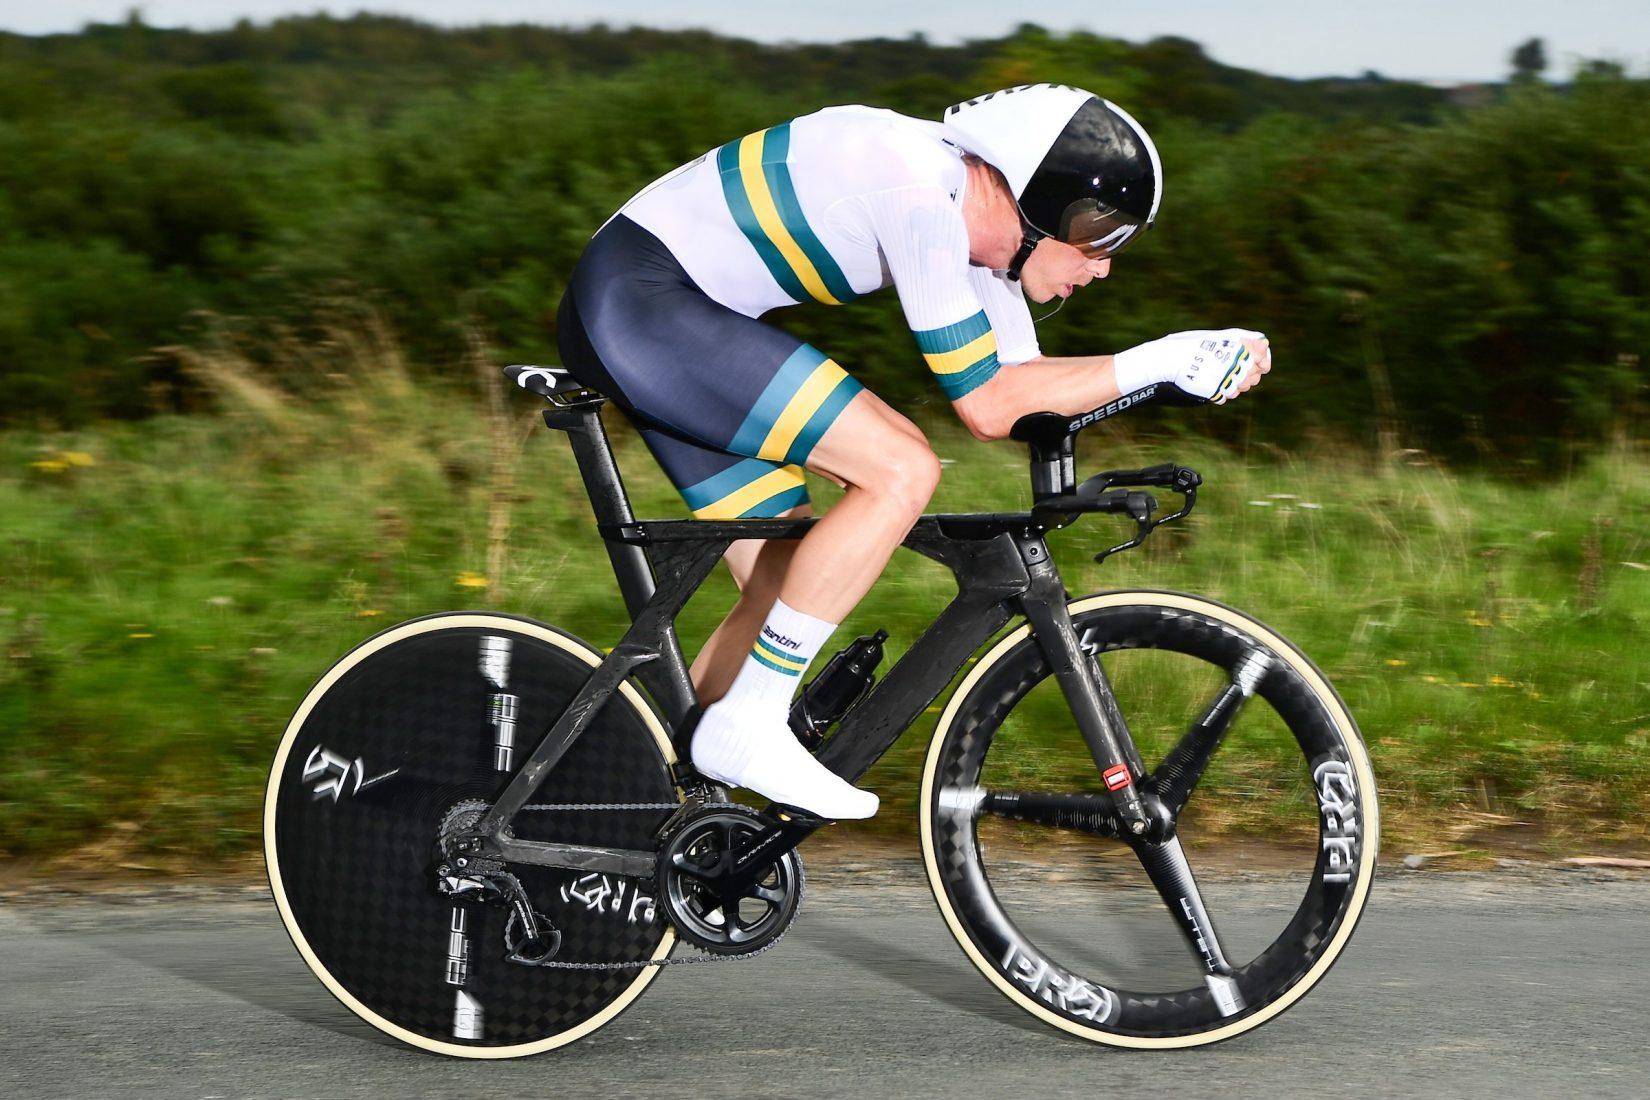 Mondiali 2019: Dennis campione a cronometro